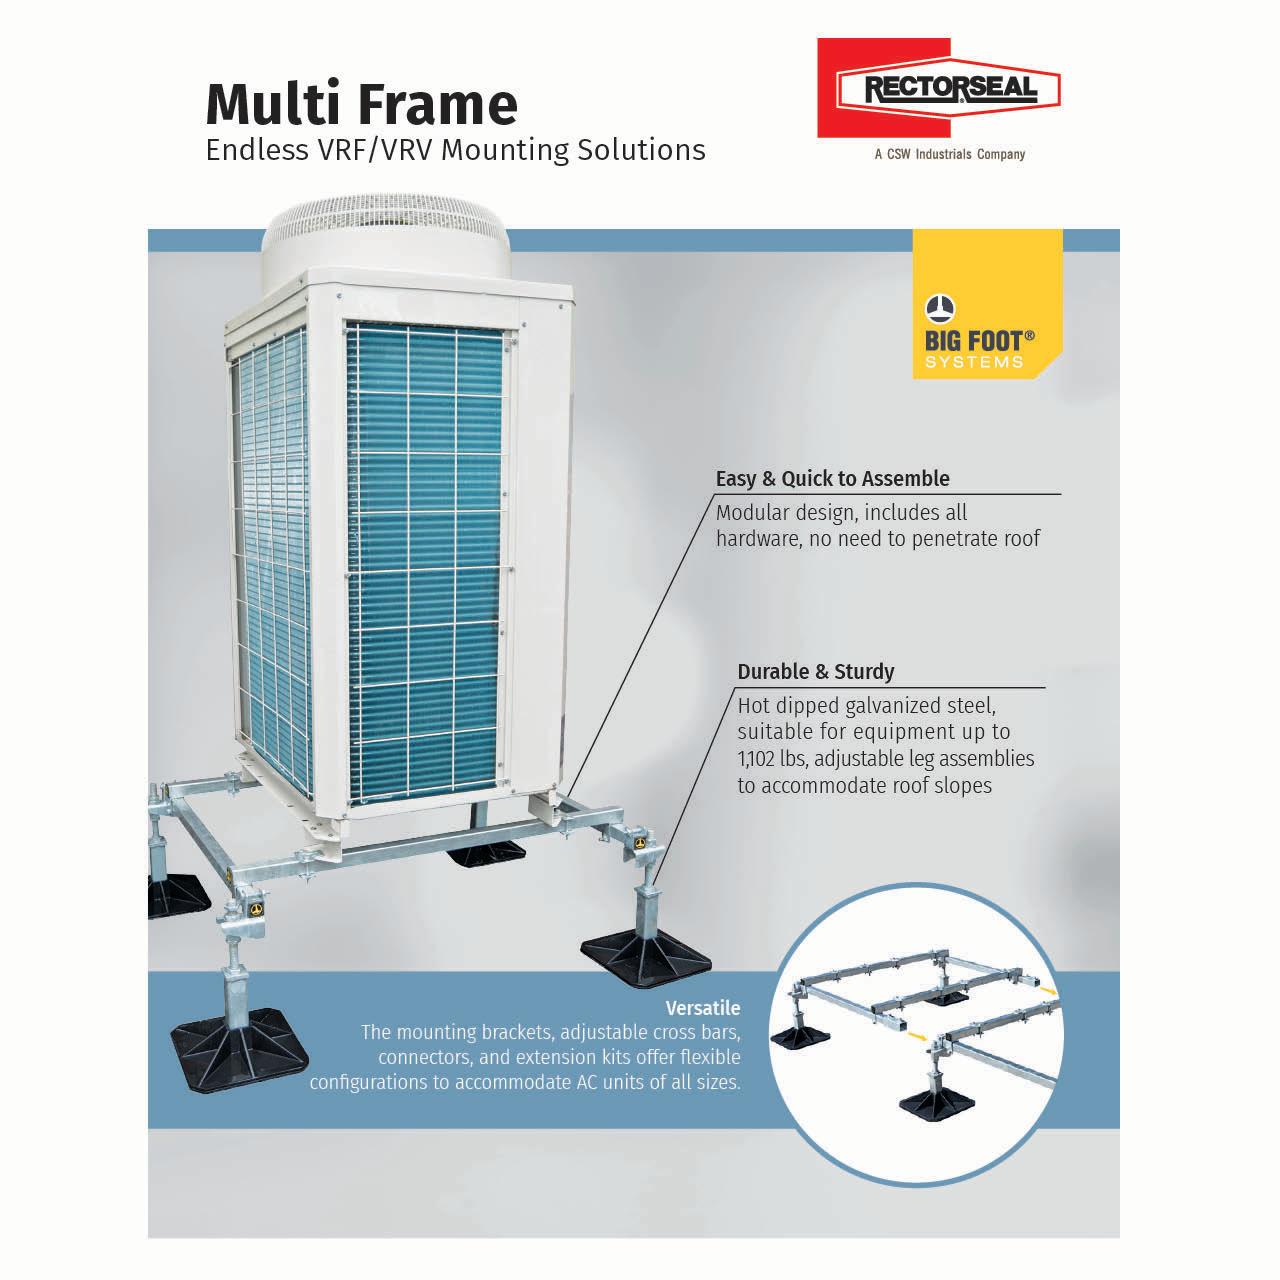 Big Foot Multi-Frame Flyer